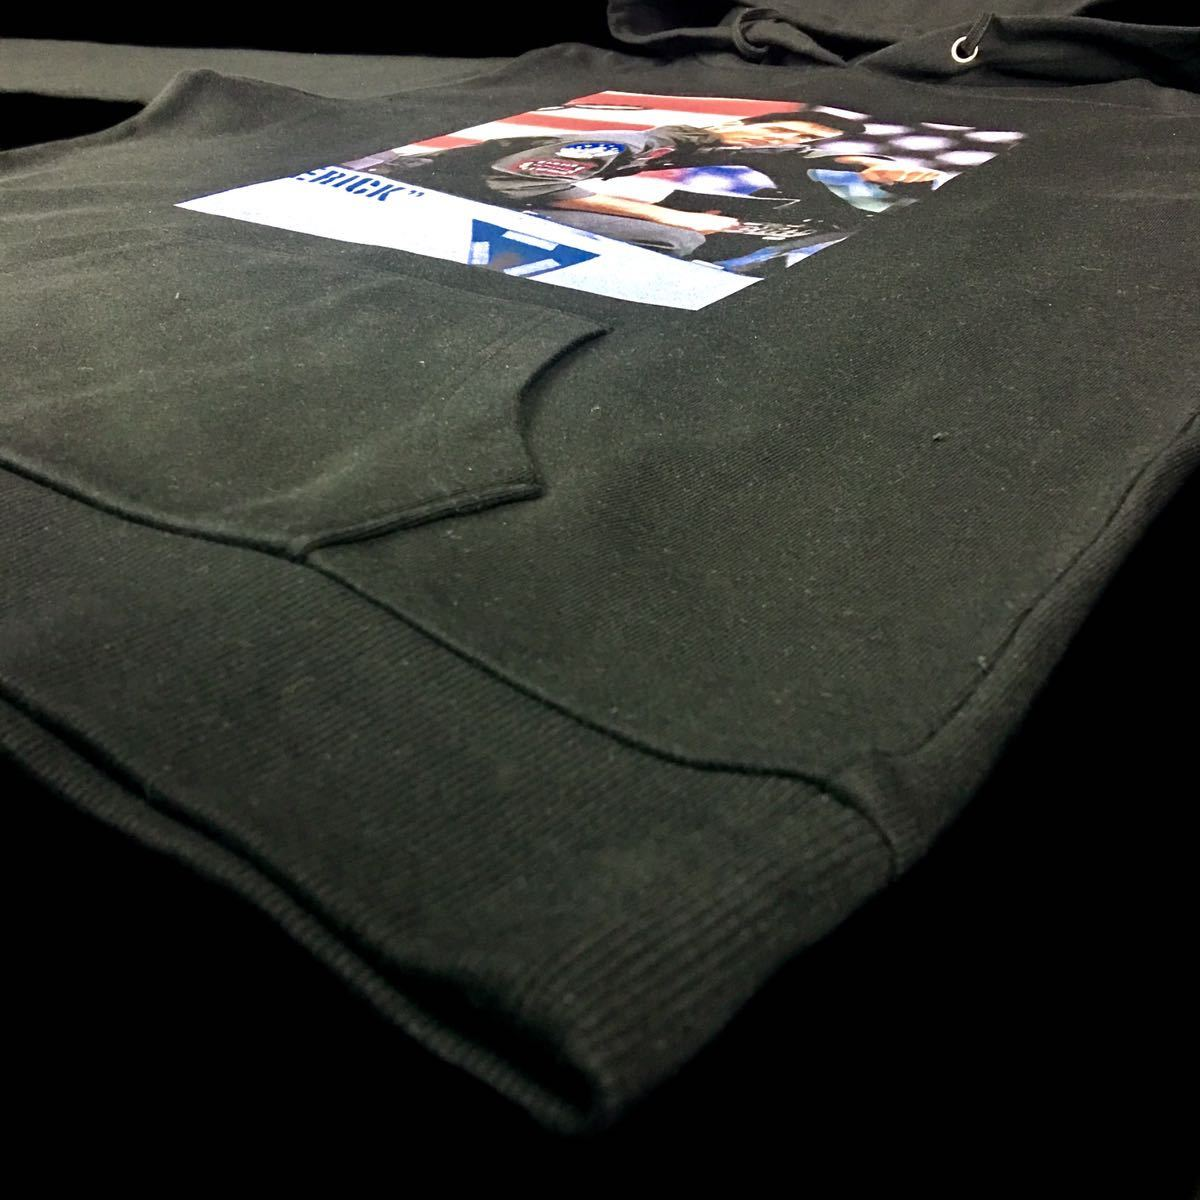 新品 トップガン トムクルーズ アメリカ 空軍 戦闘機 星条旗 黒 パーカー XS S M L XL ビッグ オーバー サイズ XXL XXXL ジップアップ 可_画像8